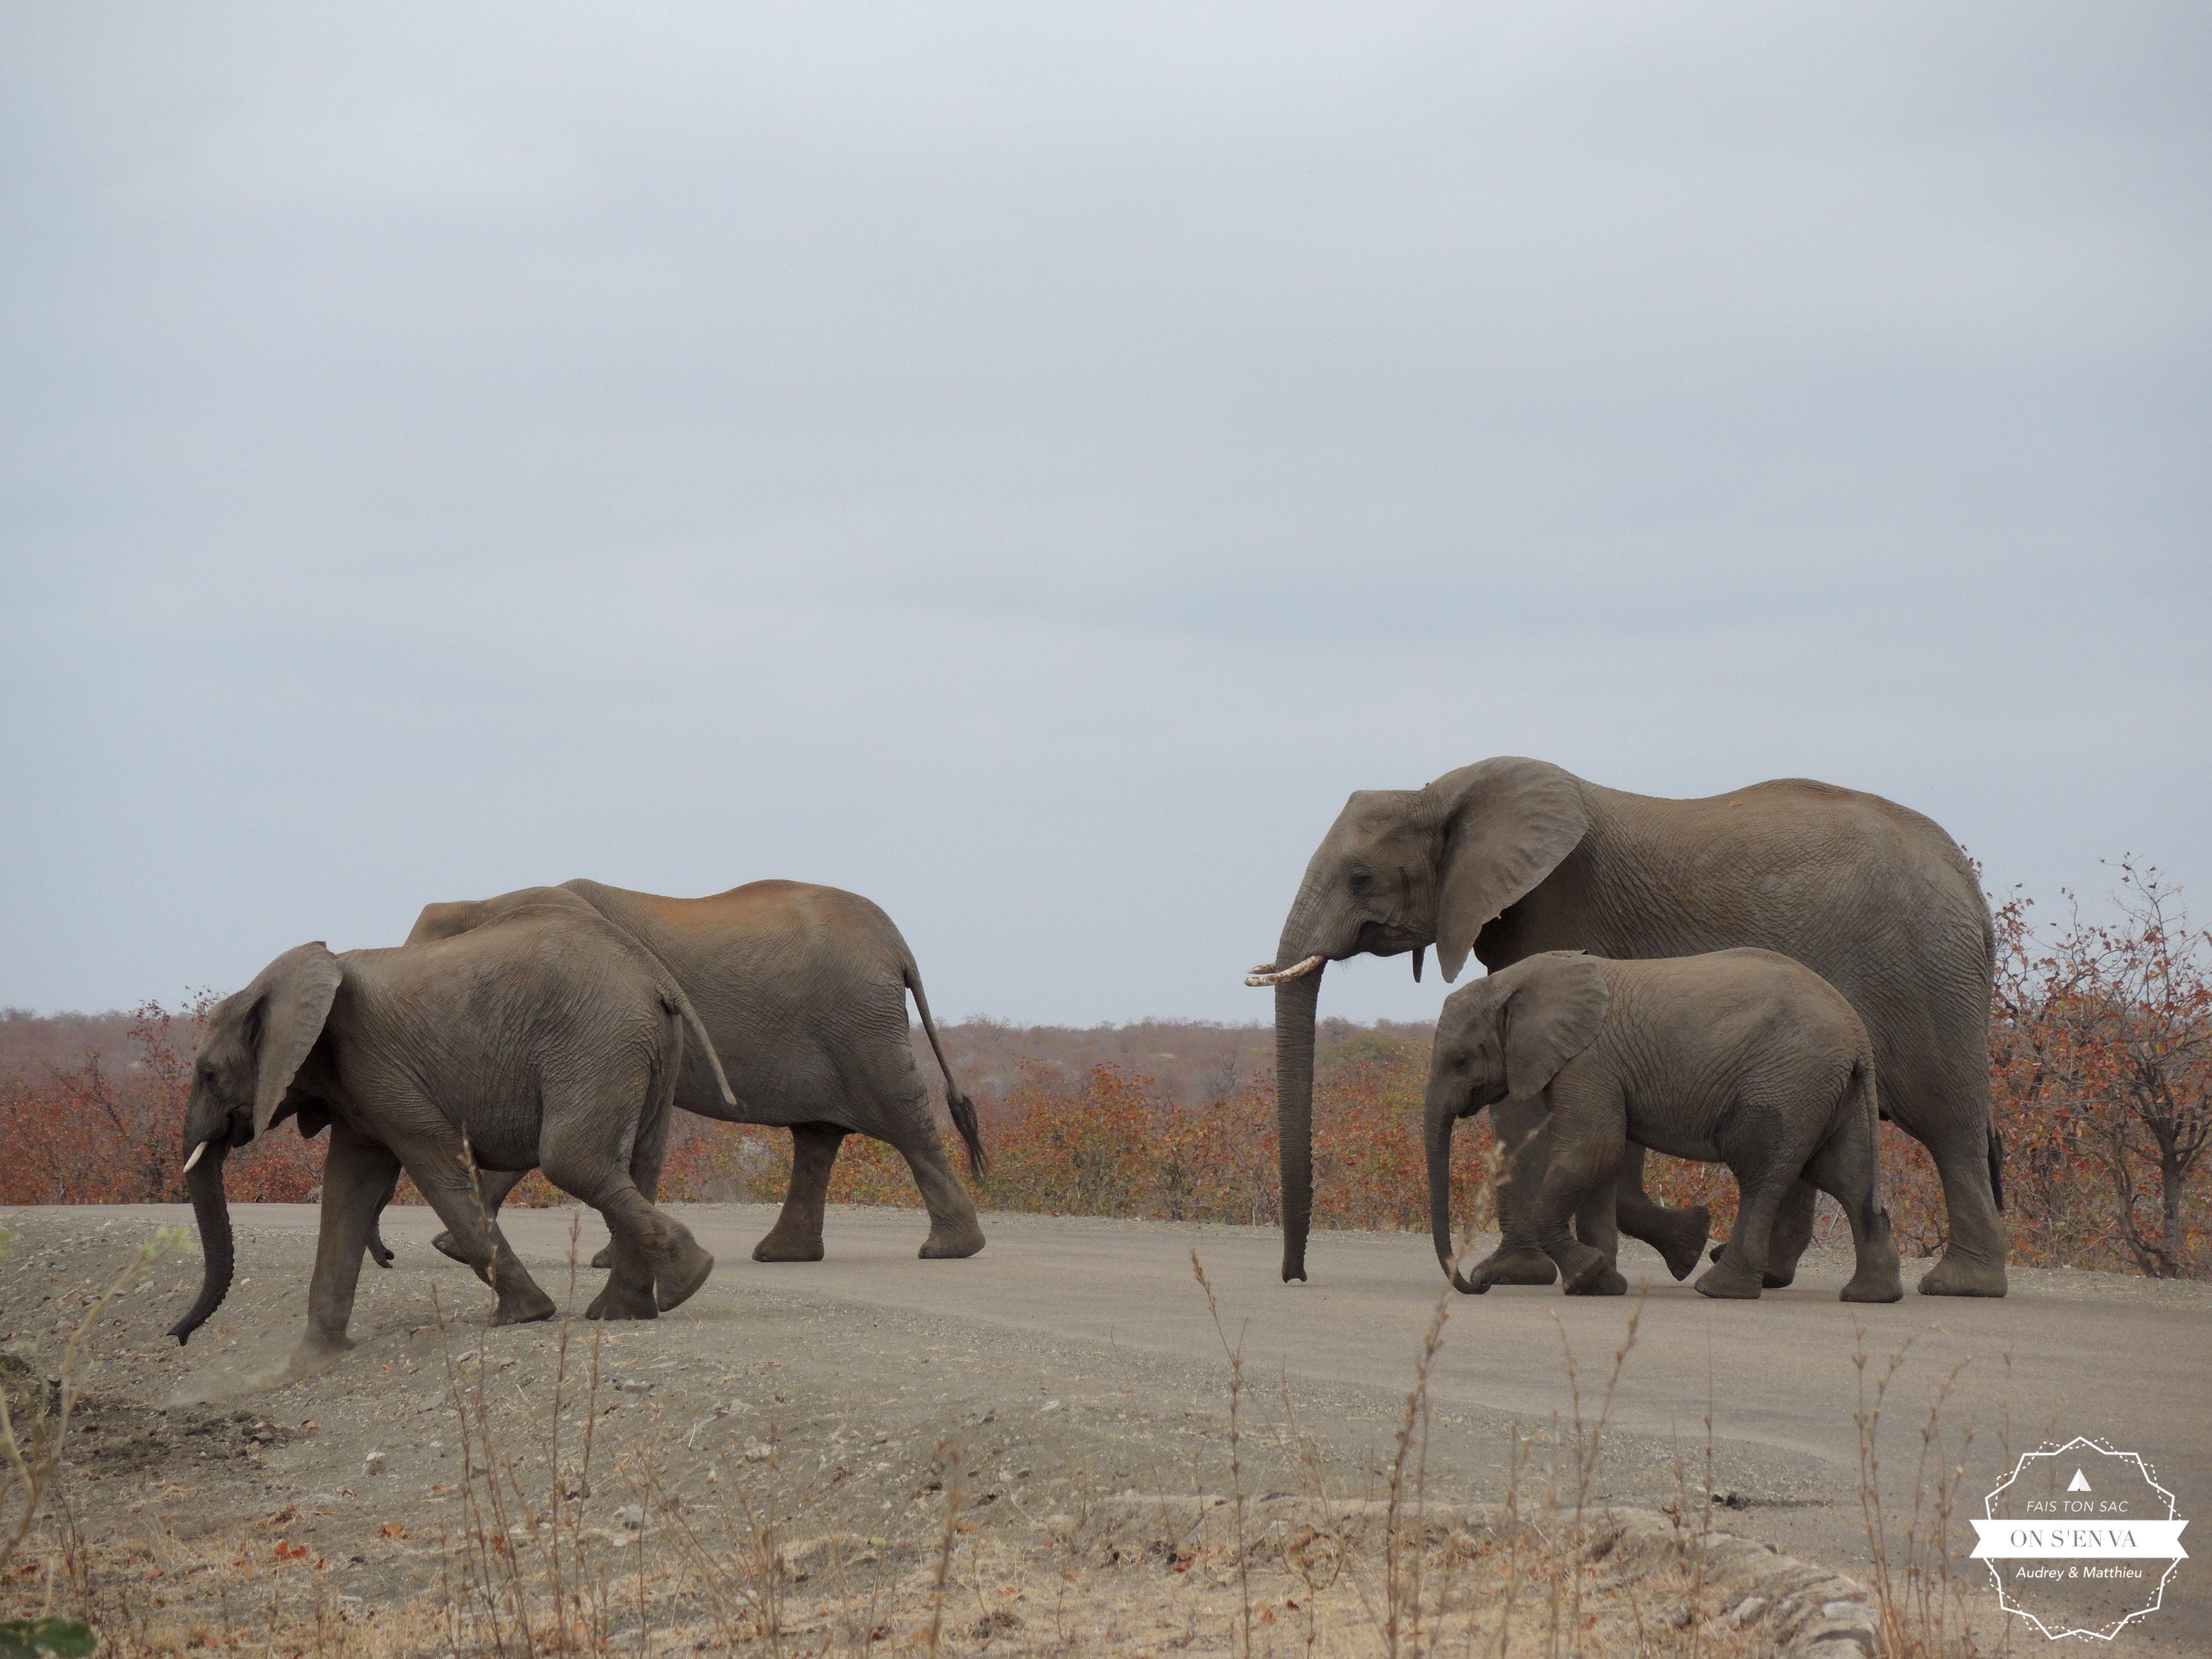 Normal, des éléphants traversent!